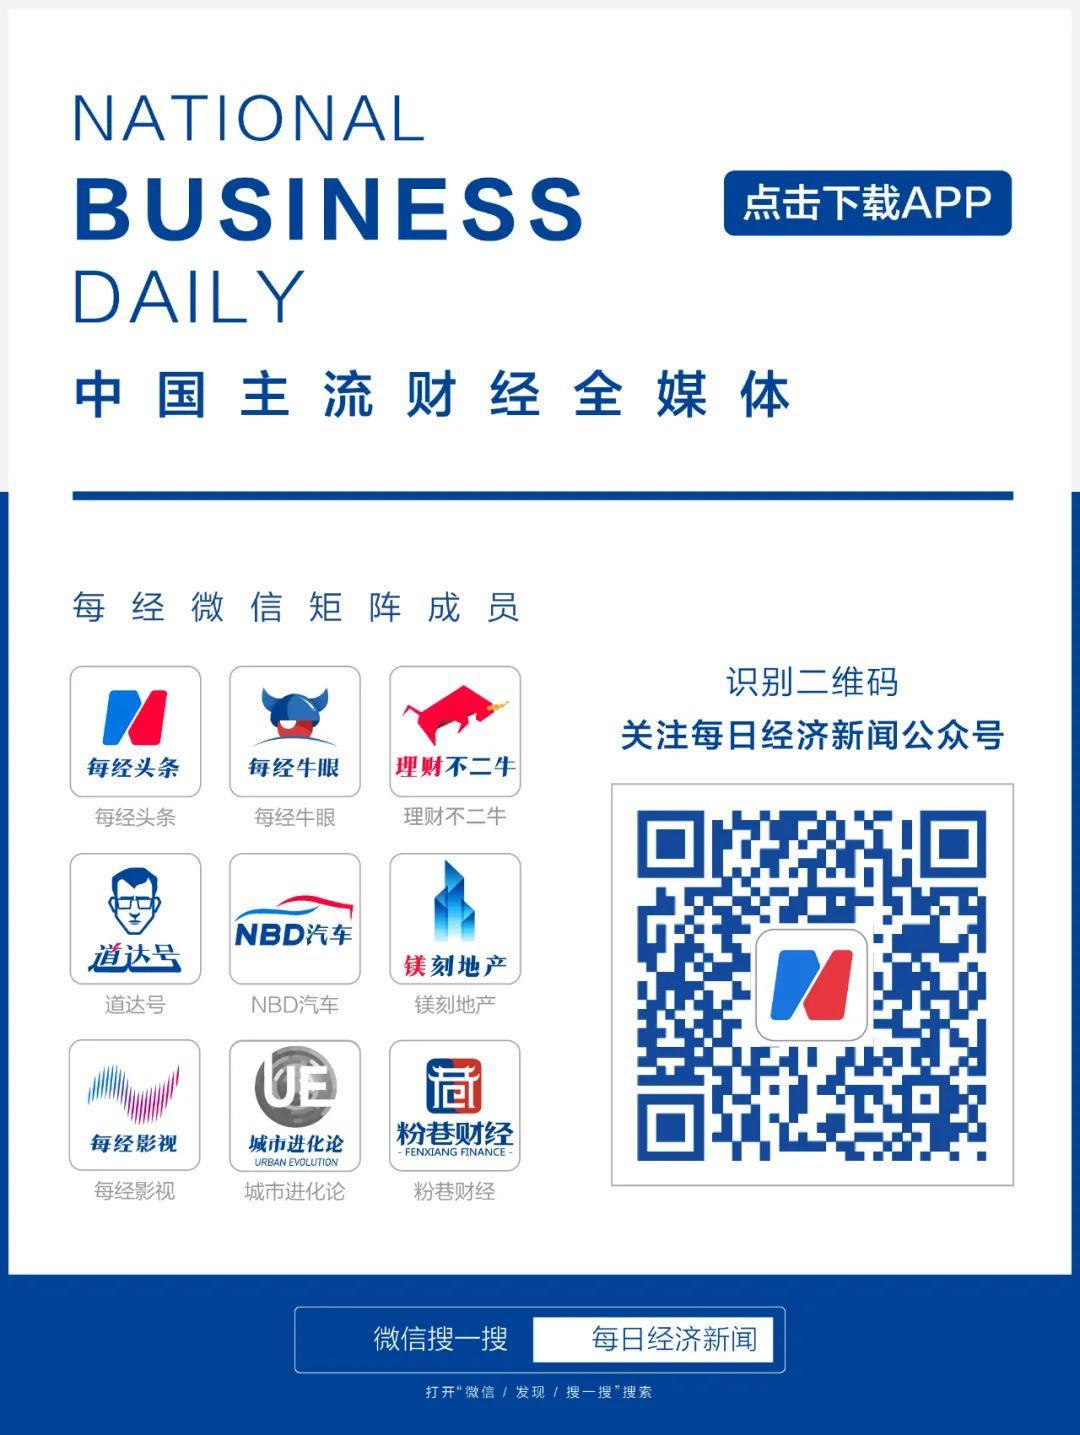 天游平台注册地址动真格!一网红被追征超600万税款,滞纳金近28万